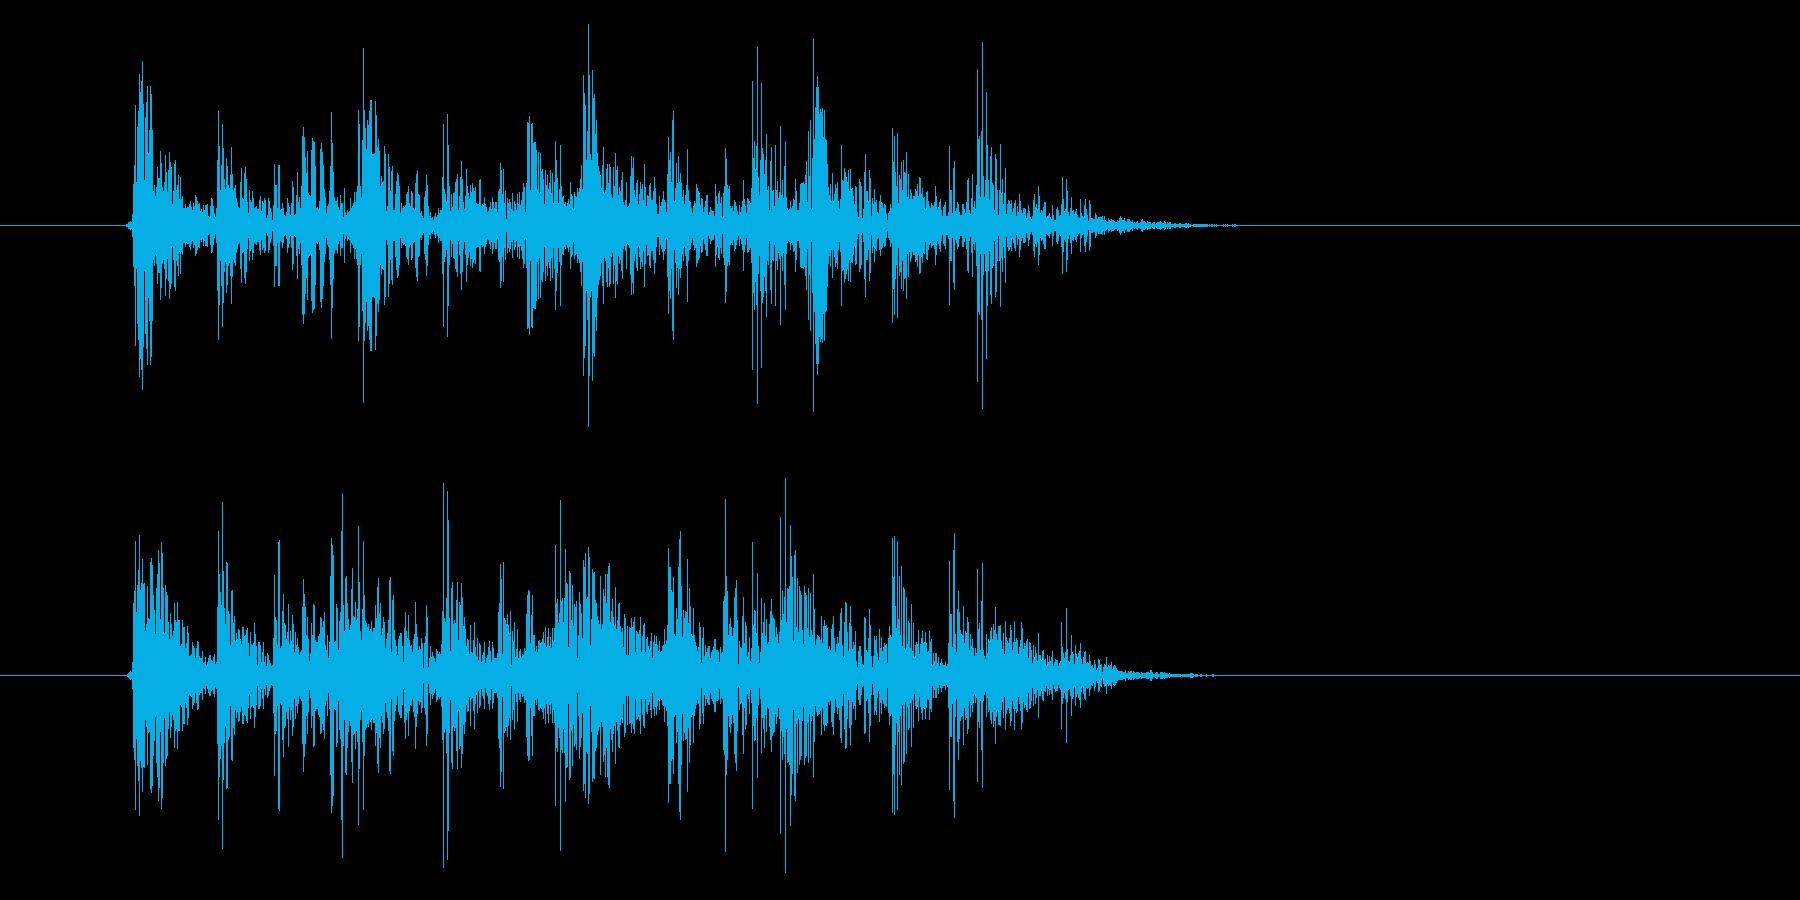 激しくミステリアスなテクノ音楽の再生済みの波形